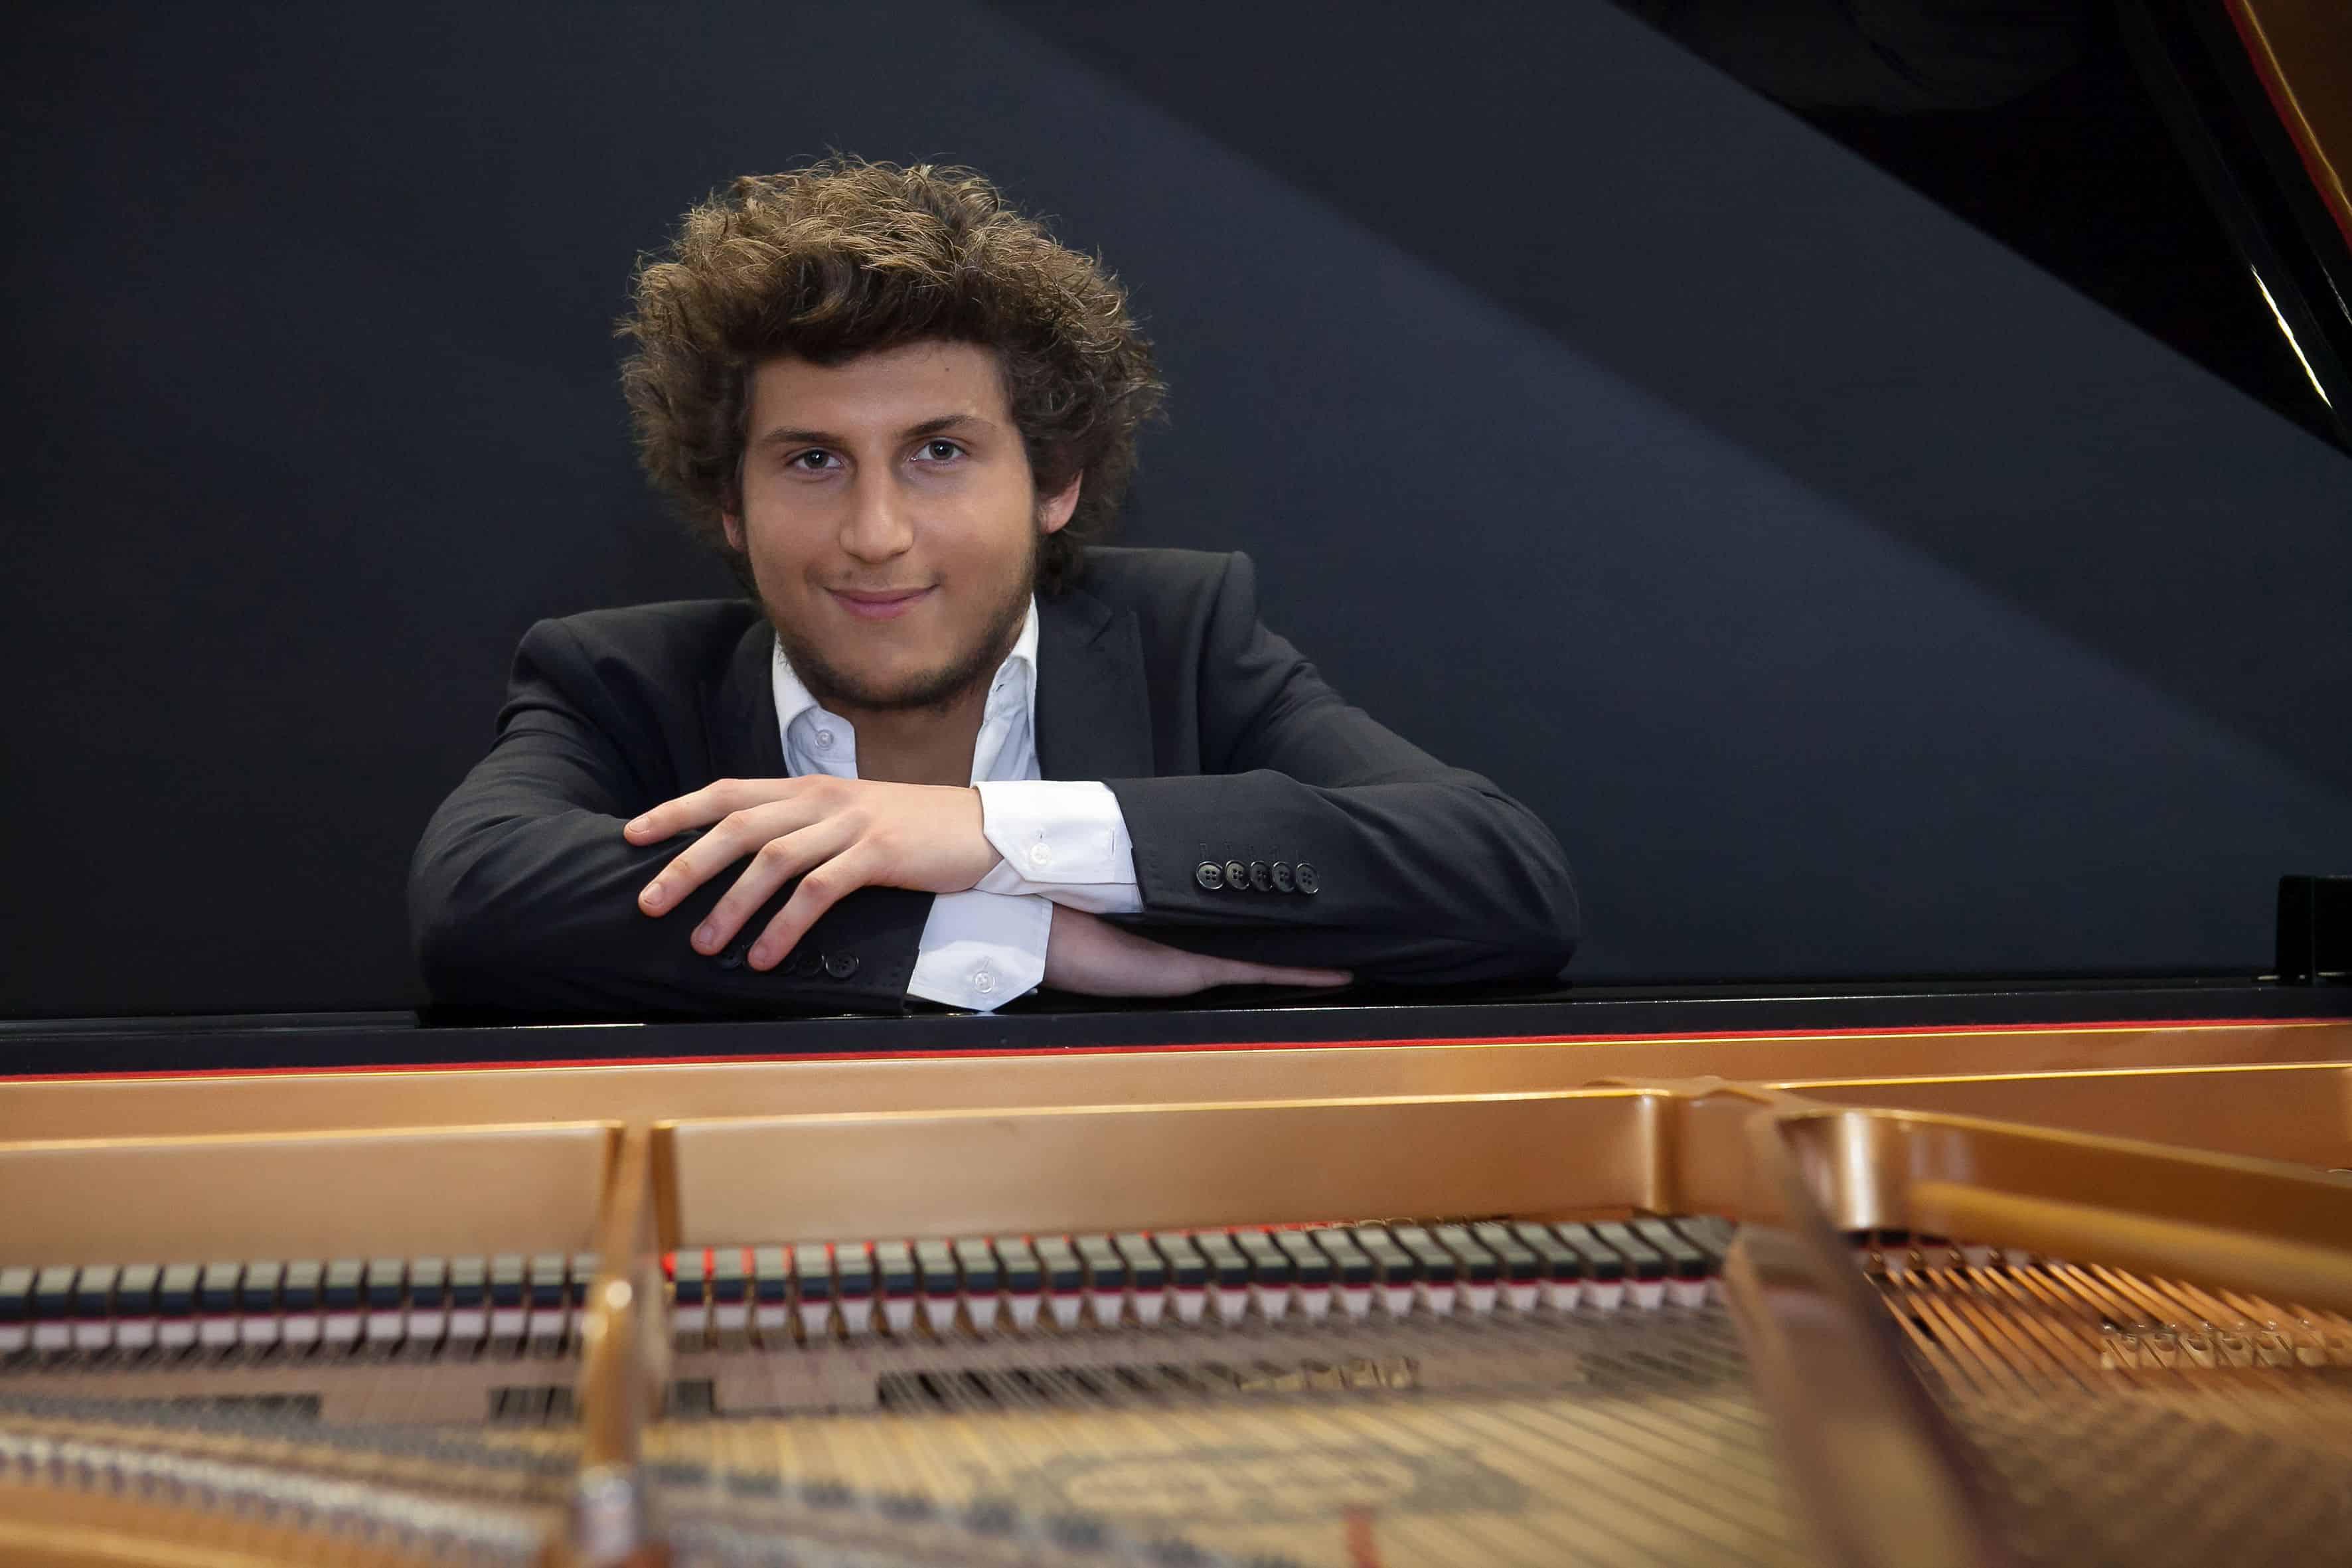 Starpianist Christen spielt für Zweites Leben